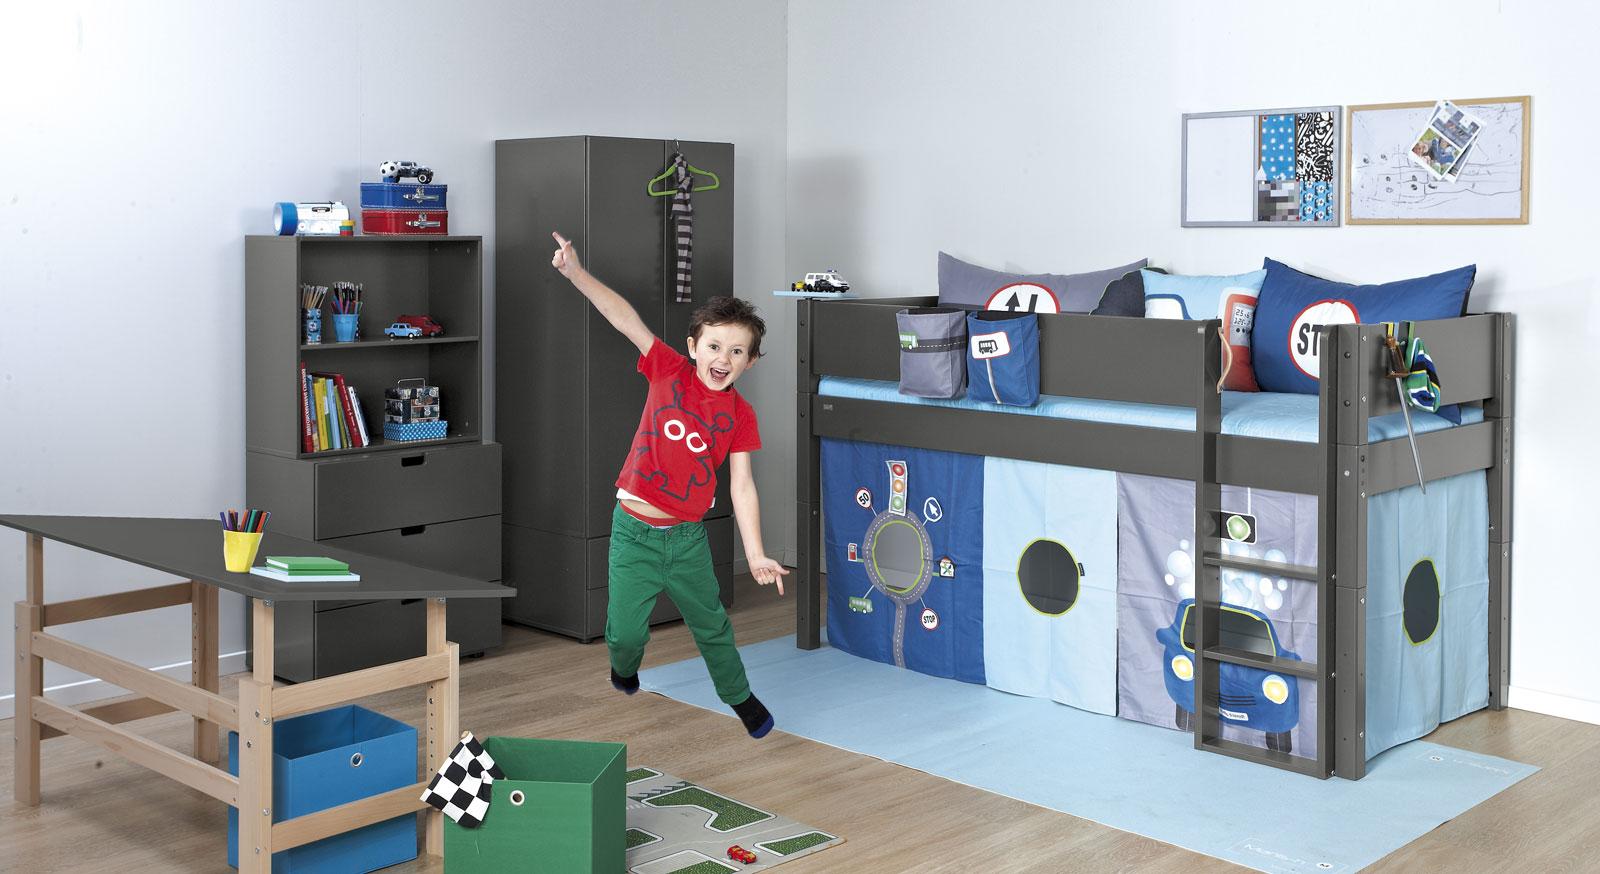 Full Size of Kinderzimmer Komplett Einrichten Mit Mbeln Von Bettende Breaking Bad Komplette Serie Regal Badezimmer Schlafzimmer Wohnzimmer Komplettes Weiß Bett 160x200 Kinderzimmer Komplett Kinderzimmer